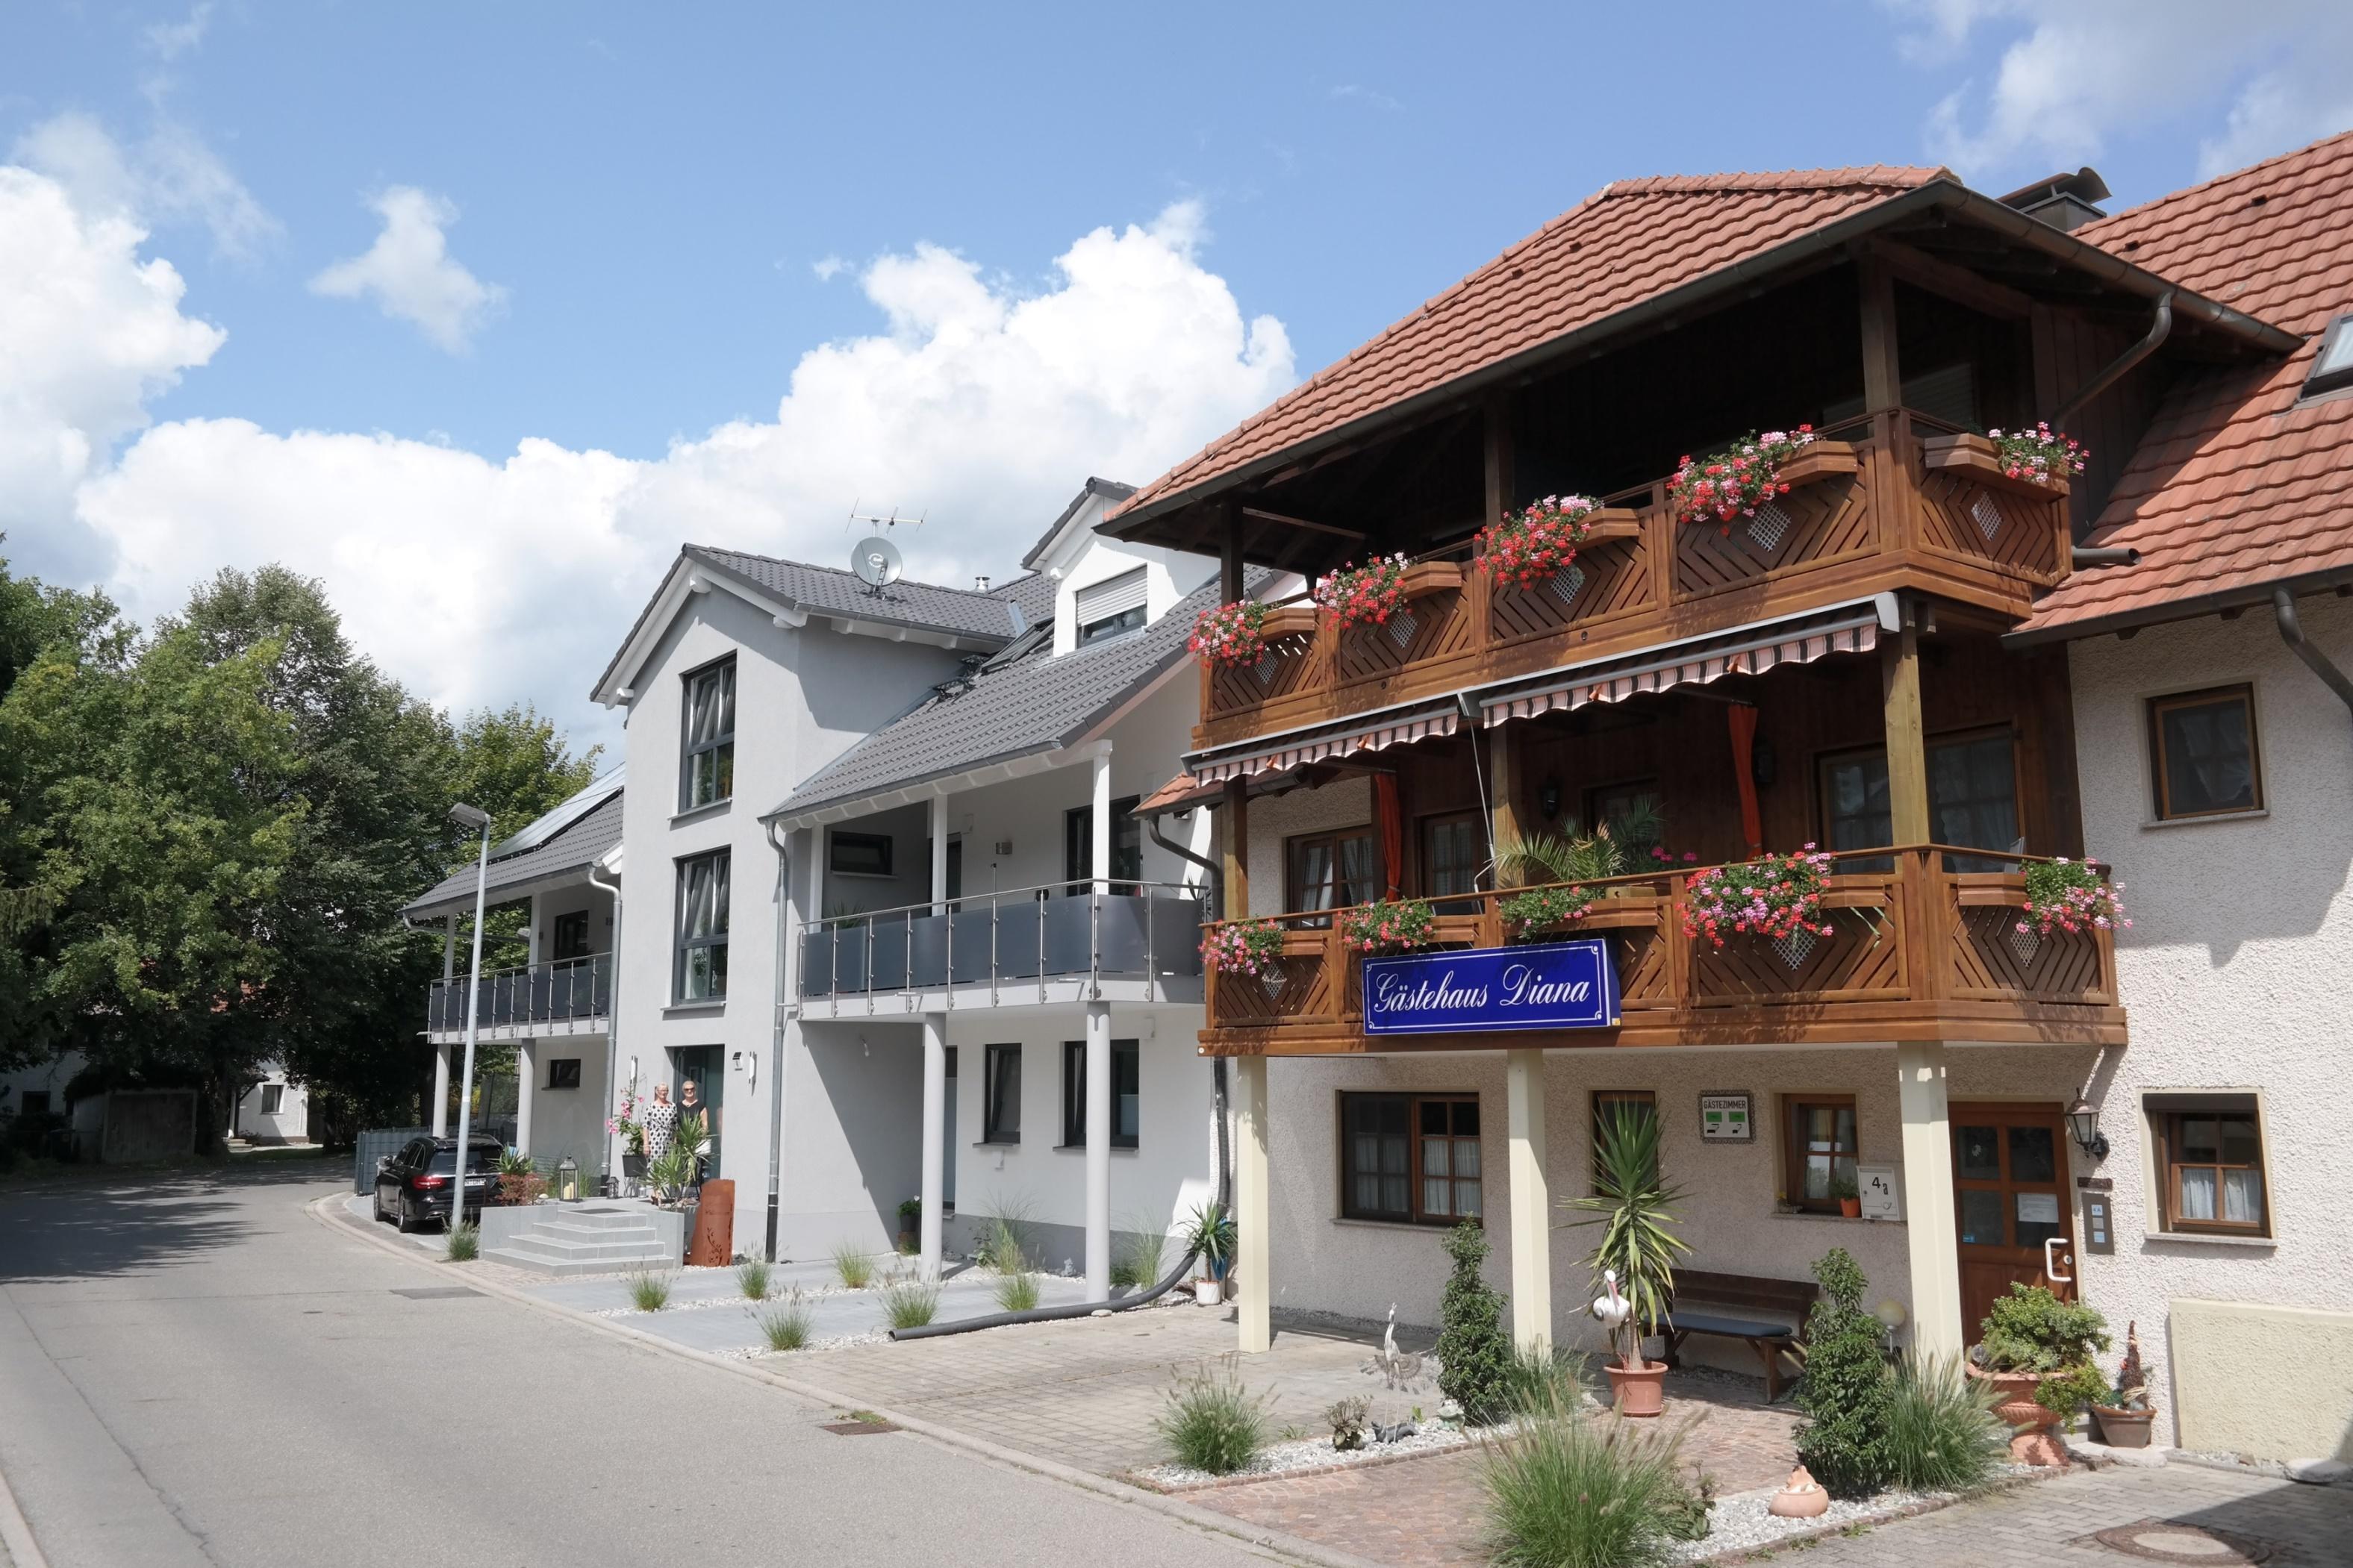 Ferienwohnungen Diana, (Radolfzell am Bodensee). F